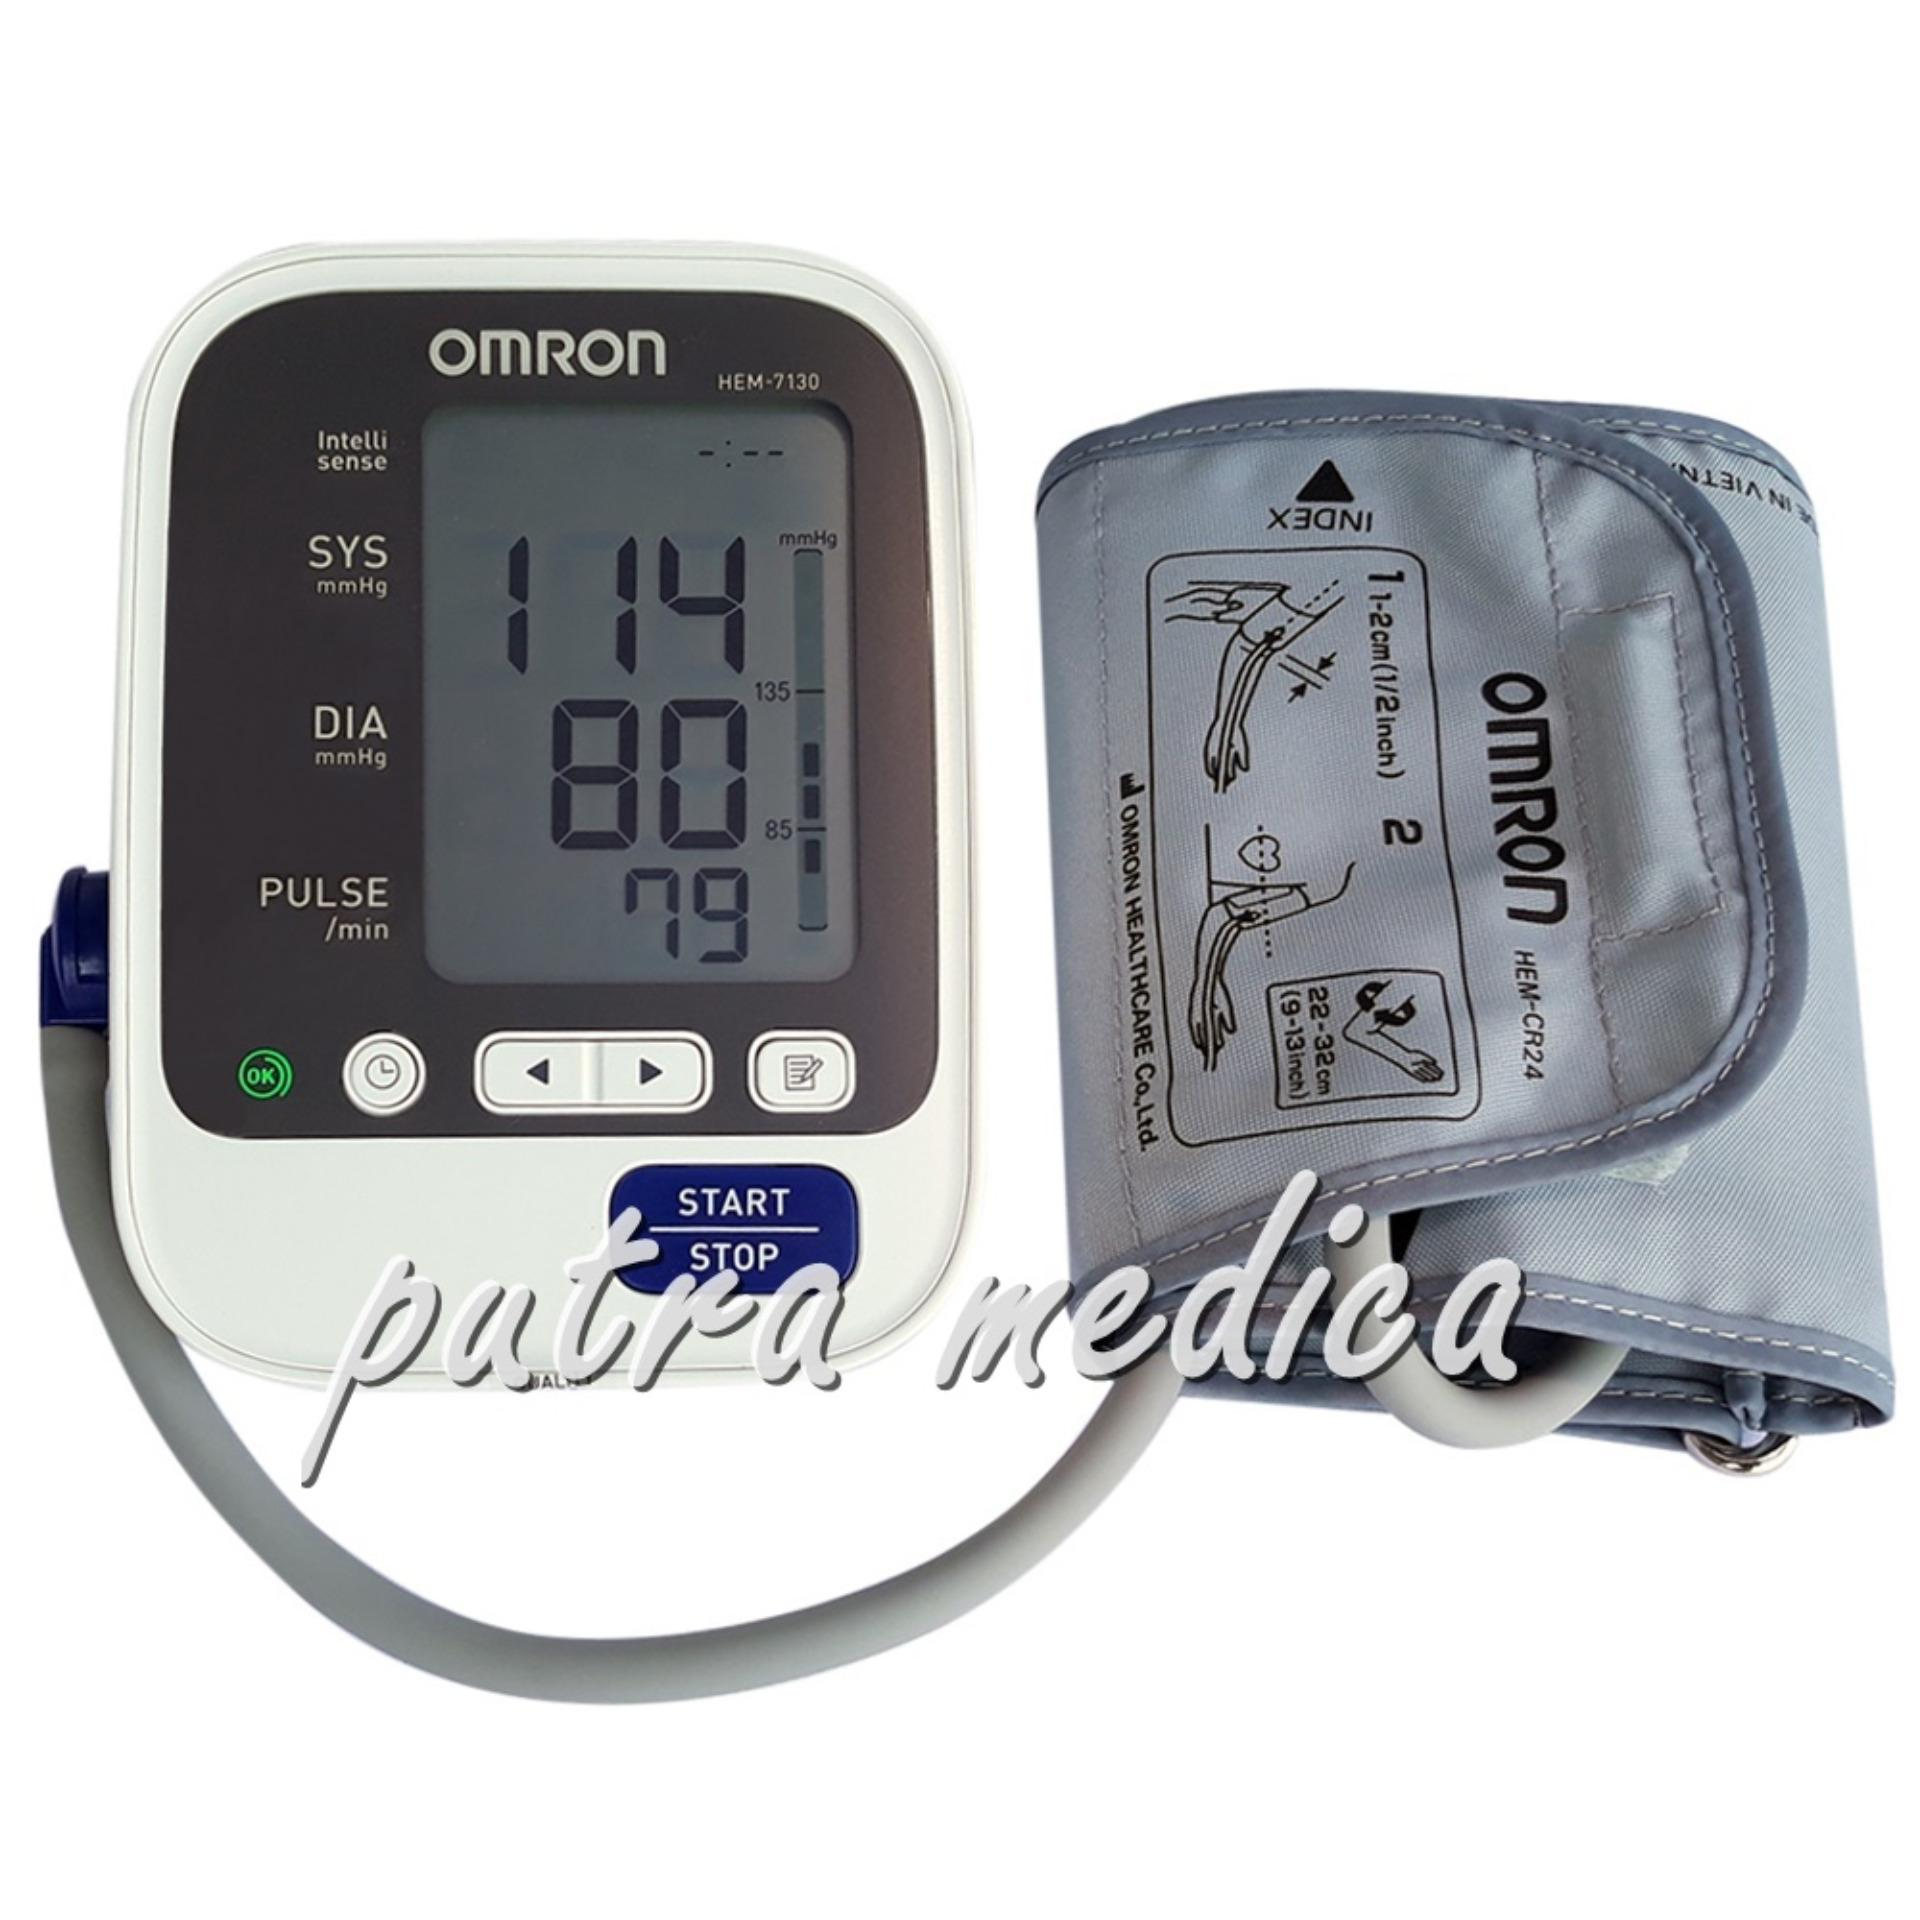 Jual Putra Medica Omron Tensimeter Digital Hem 7130 Tensi Elektrik Berkualitas Alat Ukur Pengukur Tekanan Darah Murah Di Jawa Timur